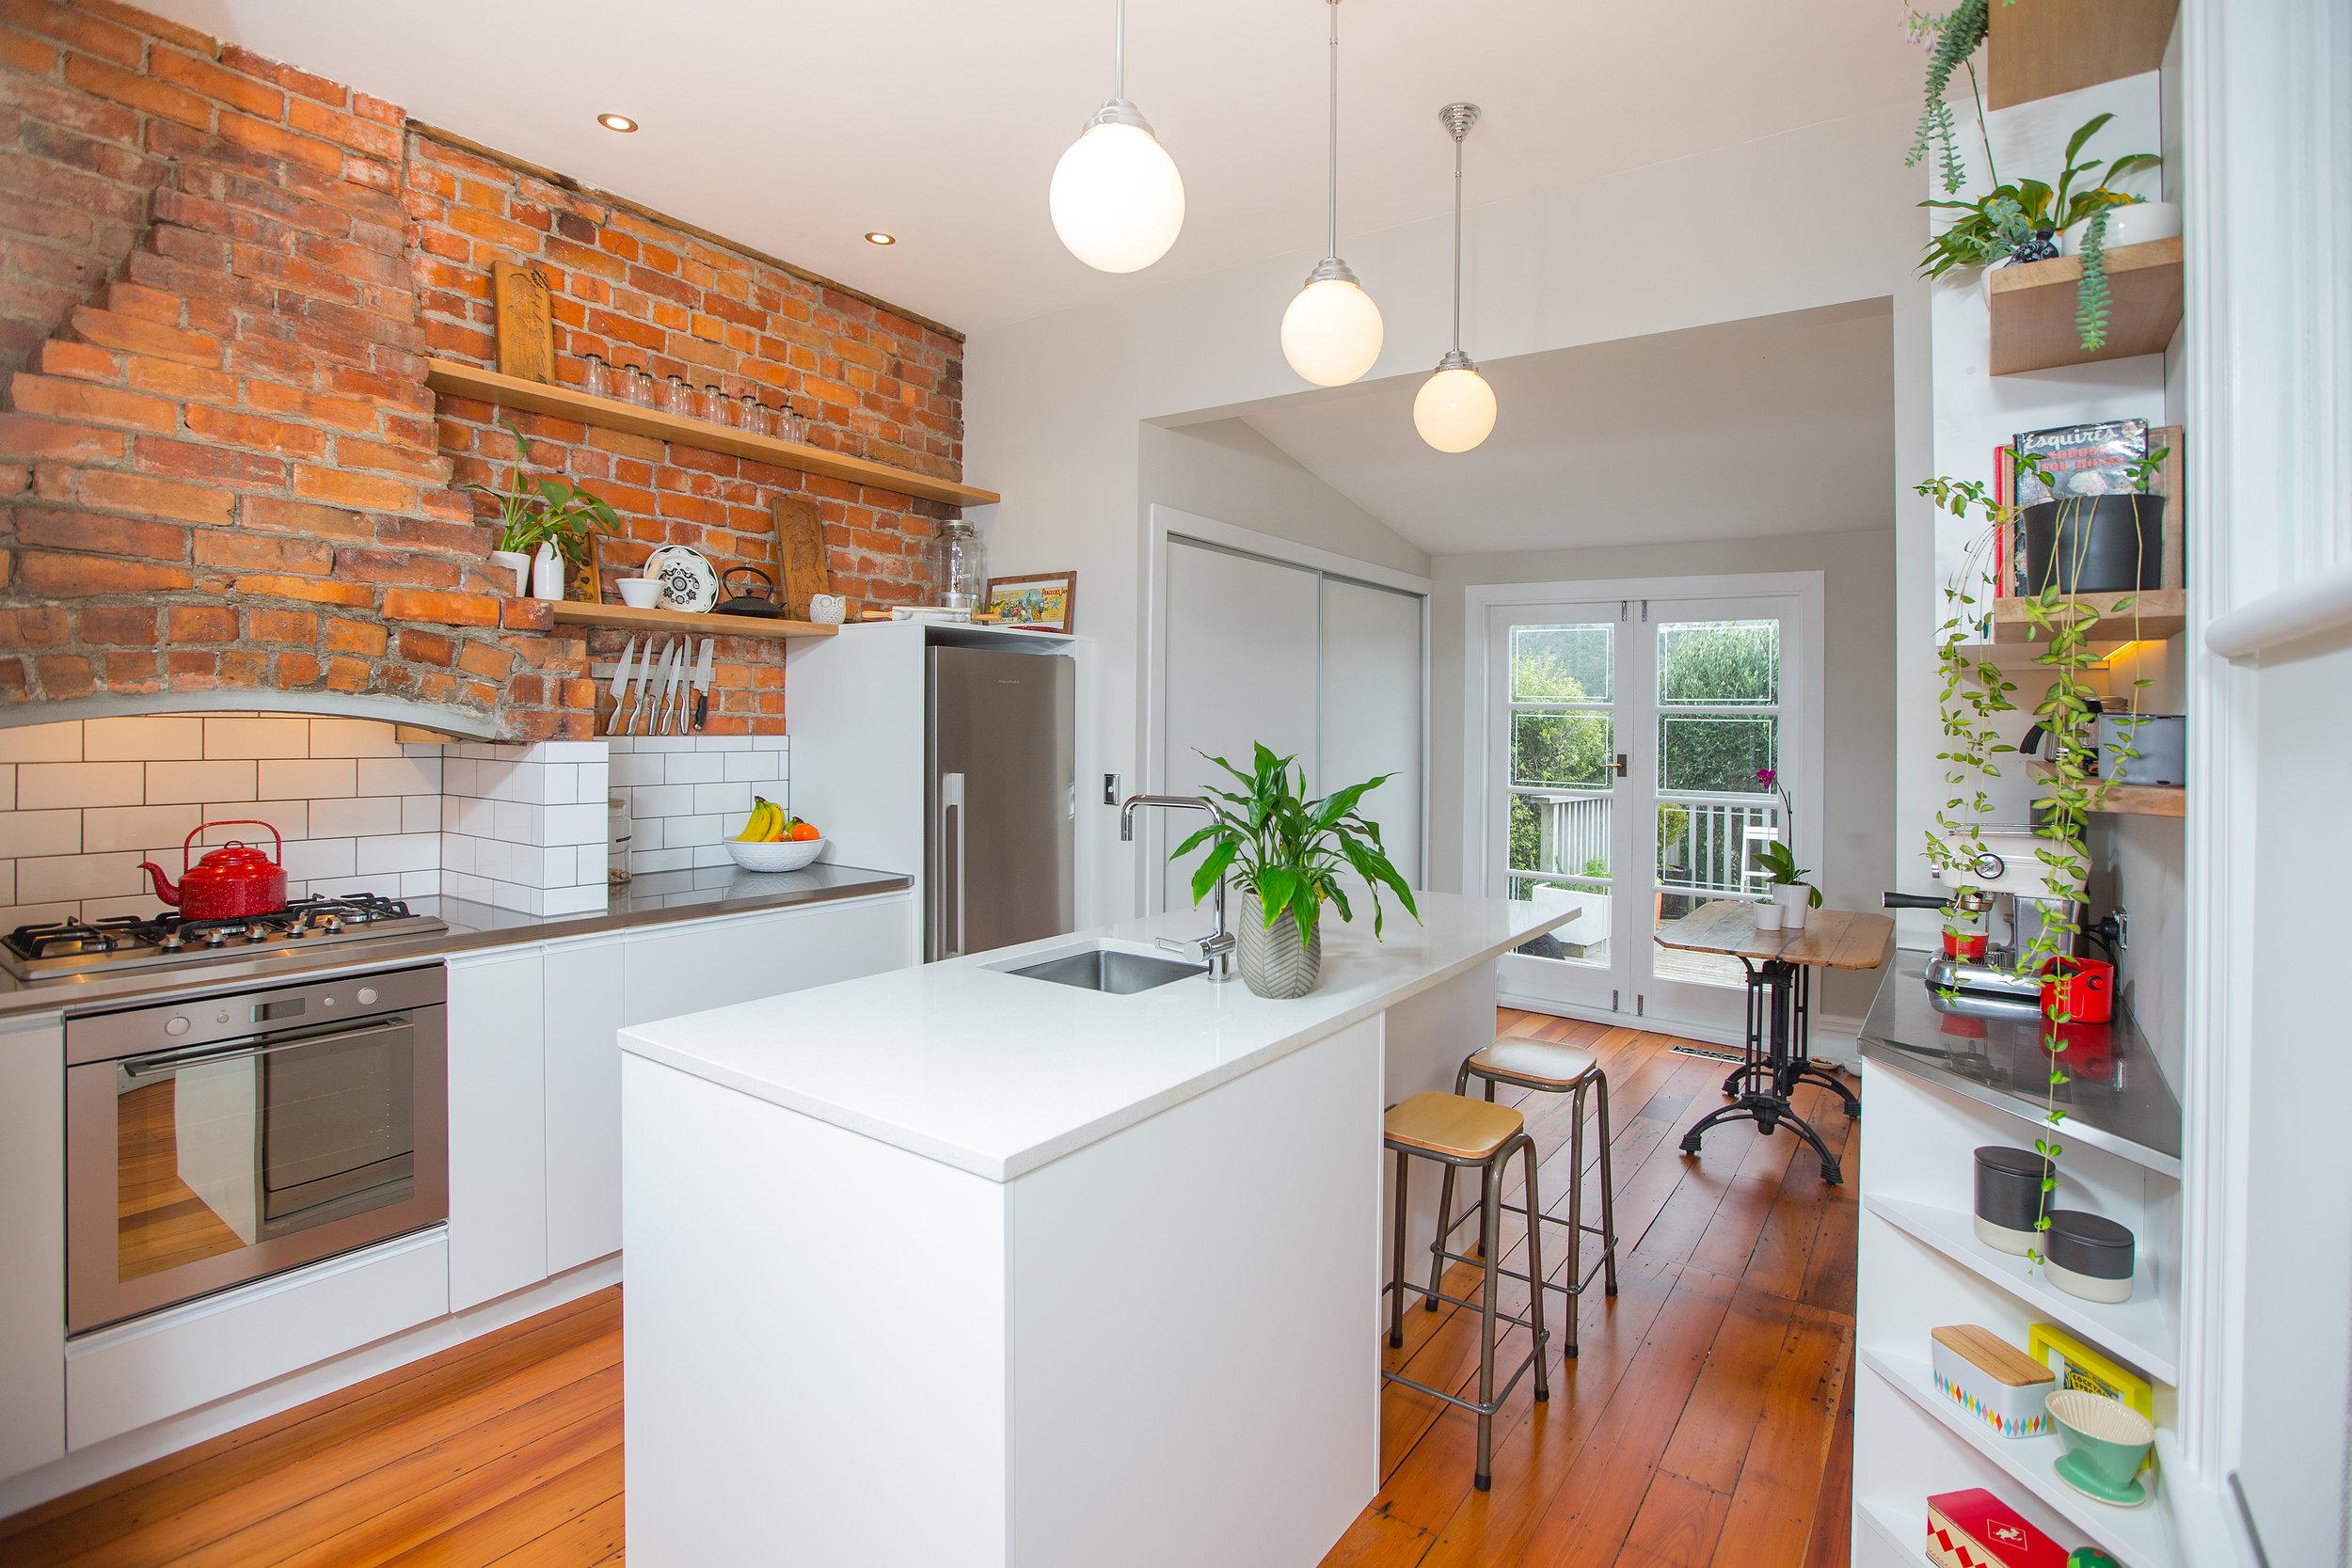 In Haus Design Kitchen 29.jpg